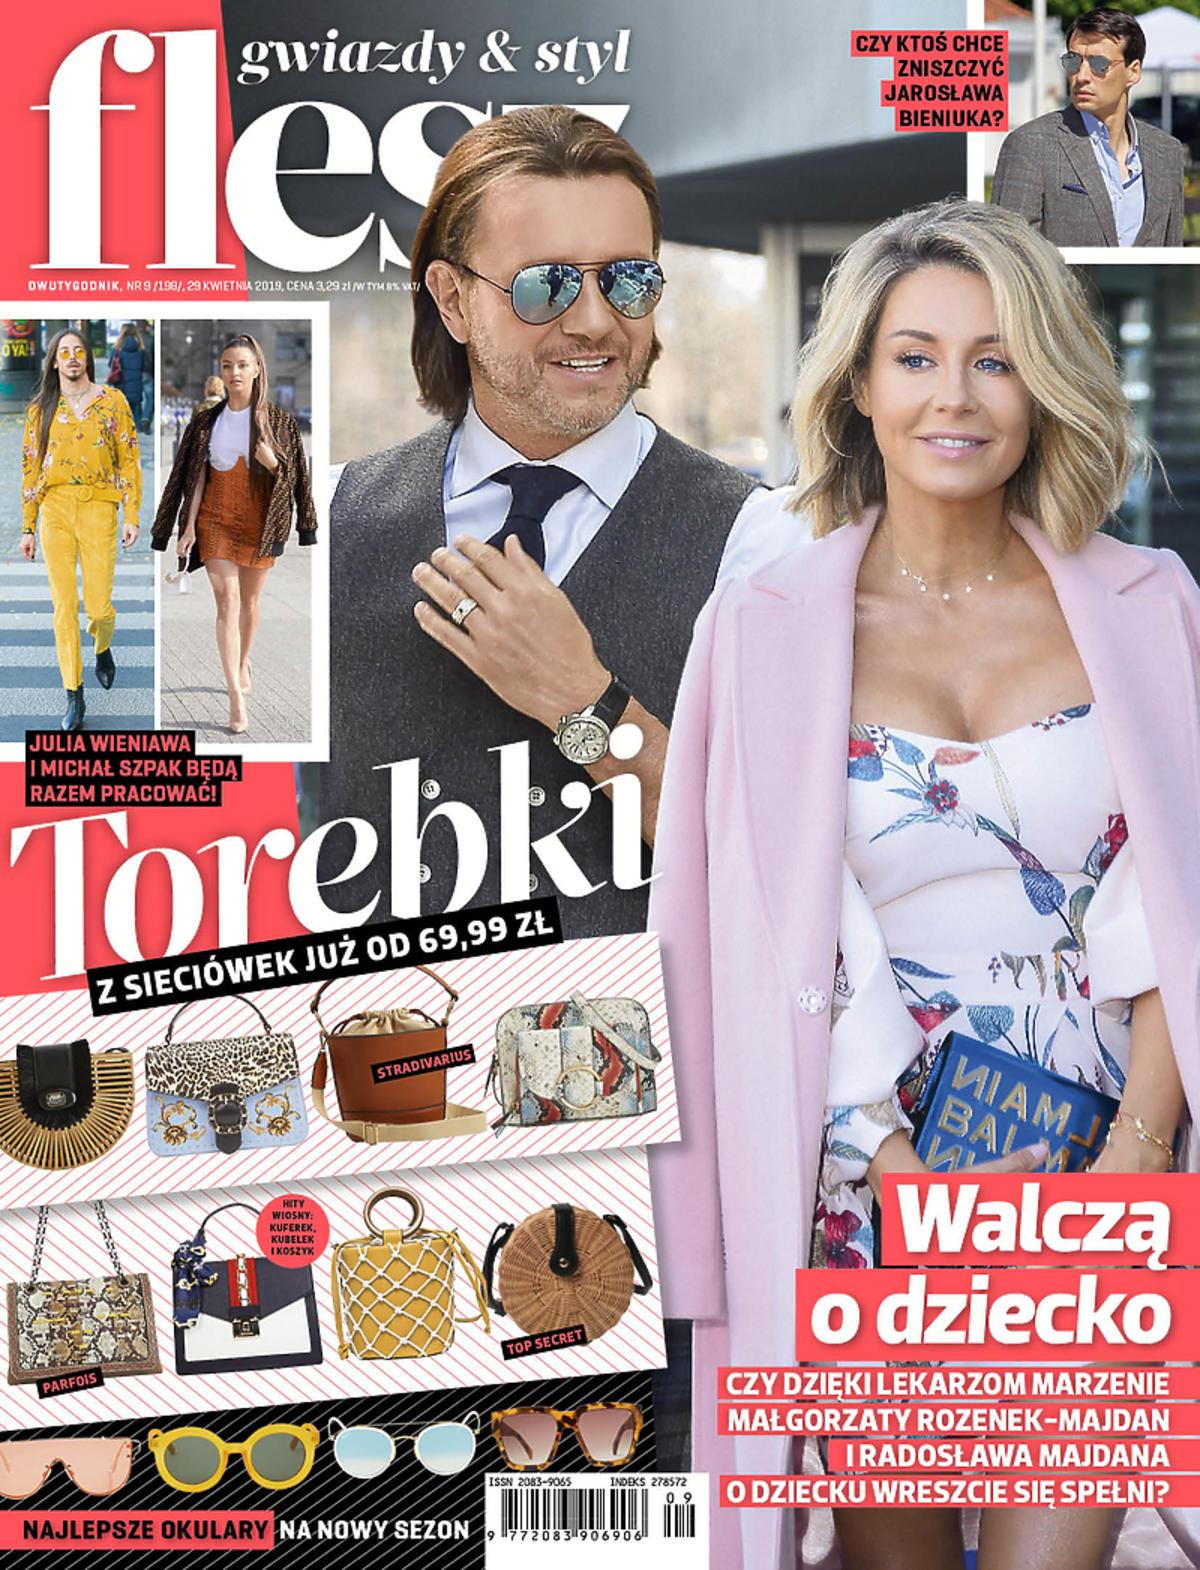 Małgorzata Rozenek-Majdan i Radosław Majdan starają się o dziecko? Nowy